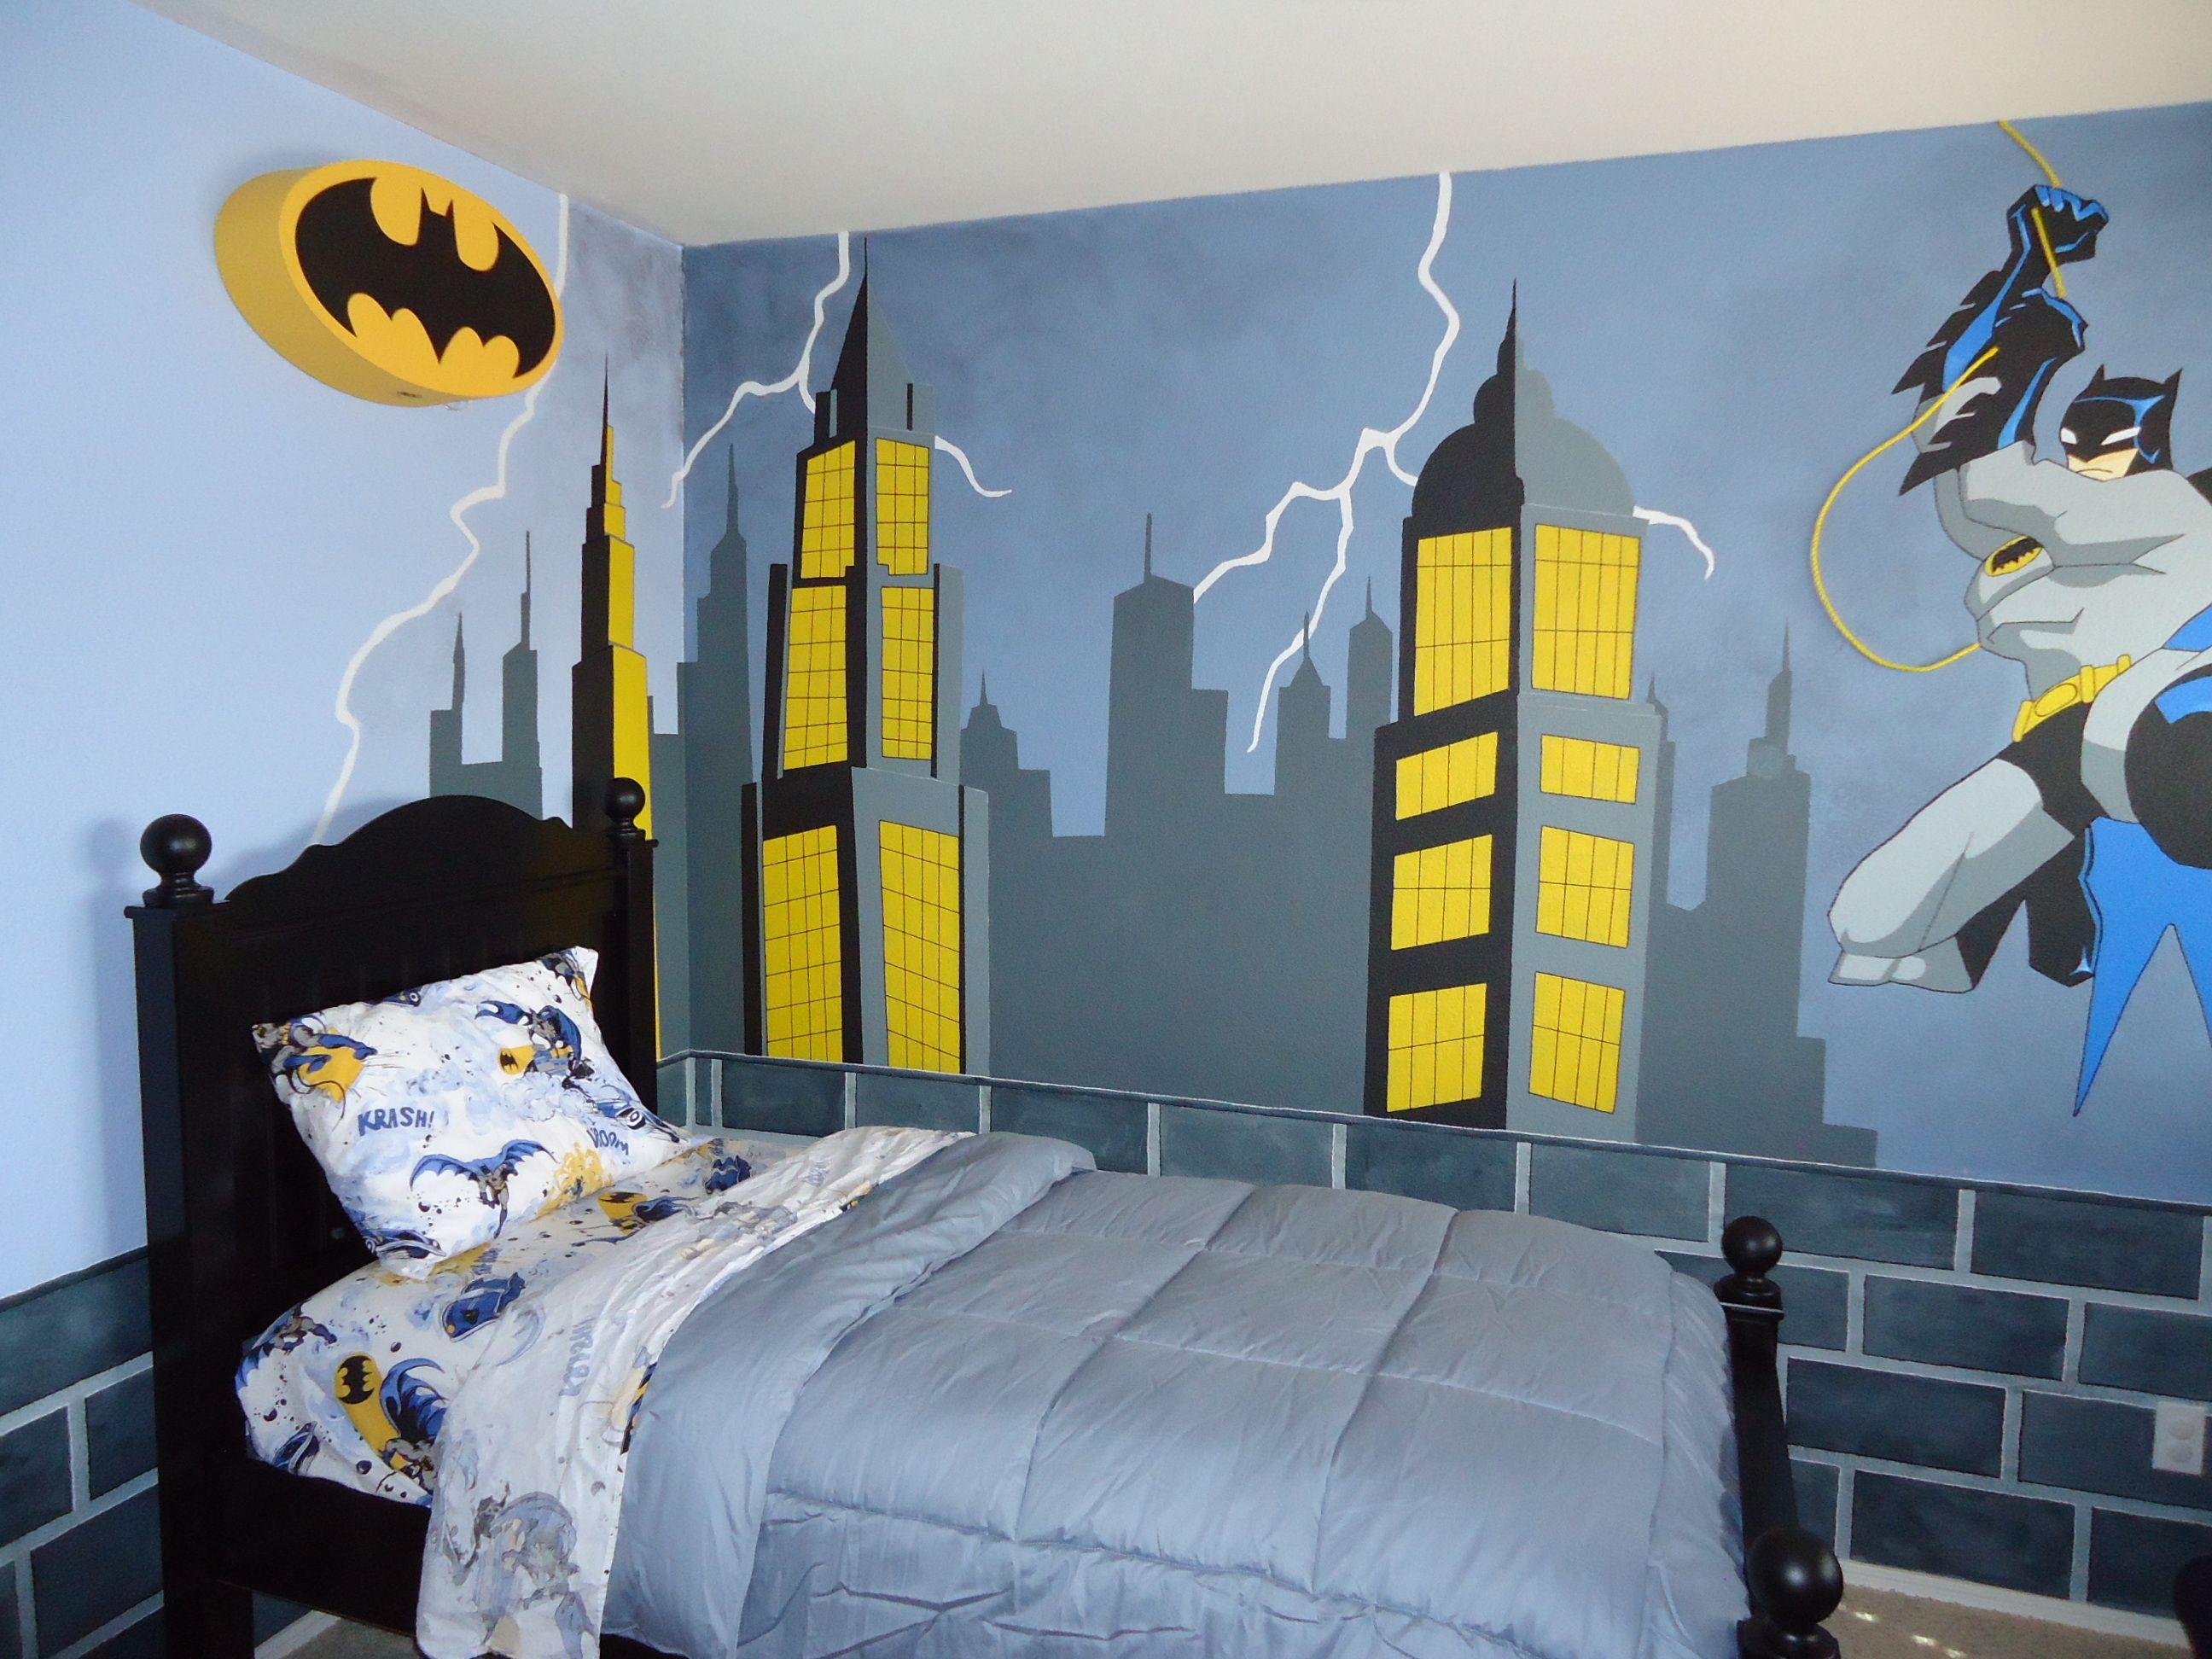 Batman bedroom paint ideas - Bedrooms